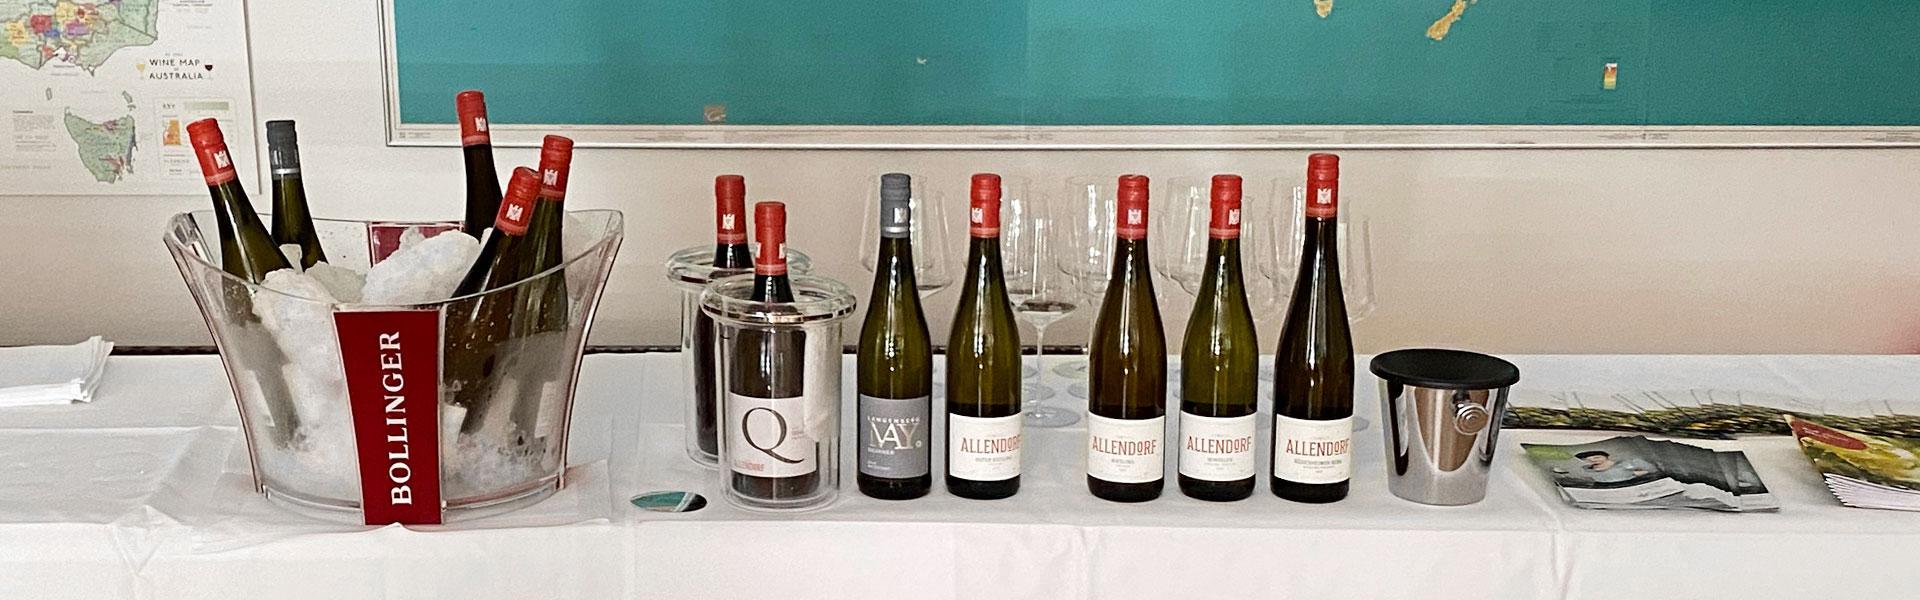 """Rückblick: """"Tag des offenen Weins"""" in München 2020"""